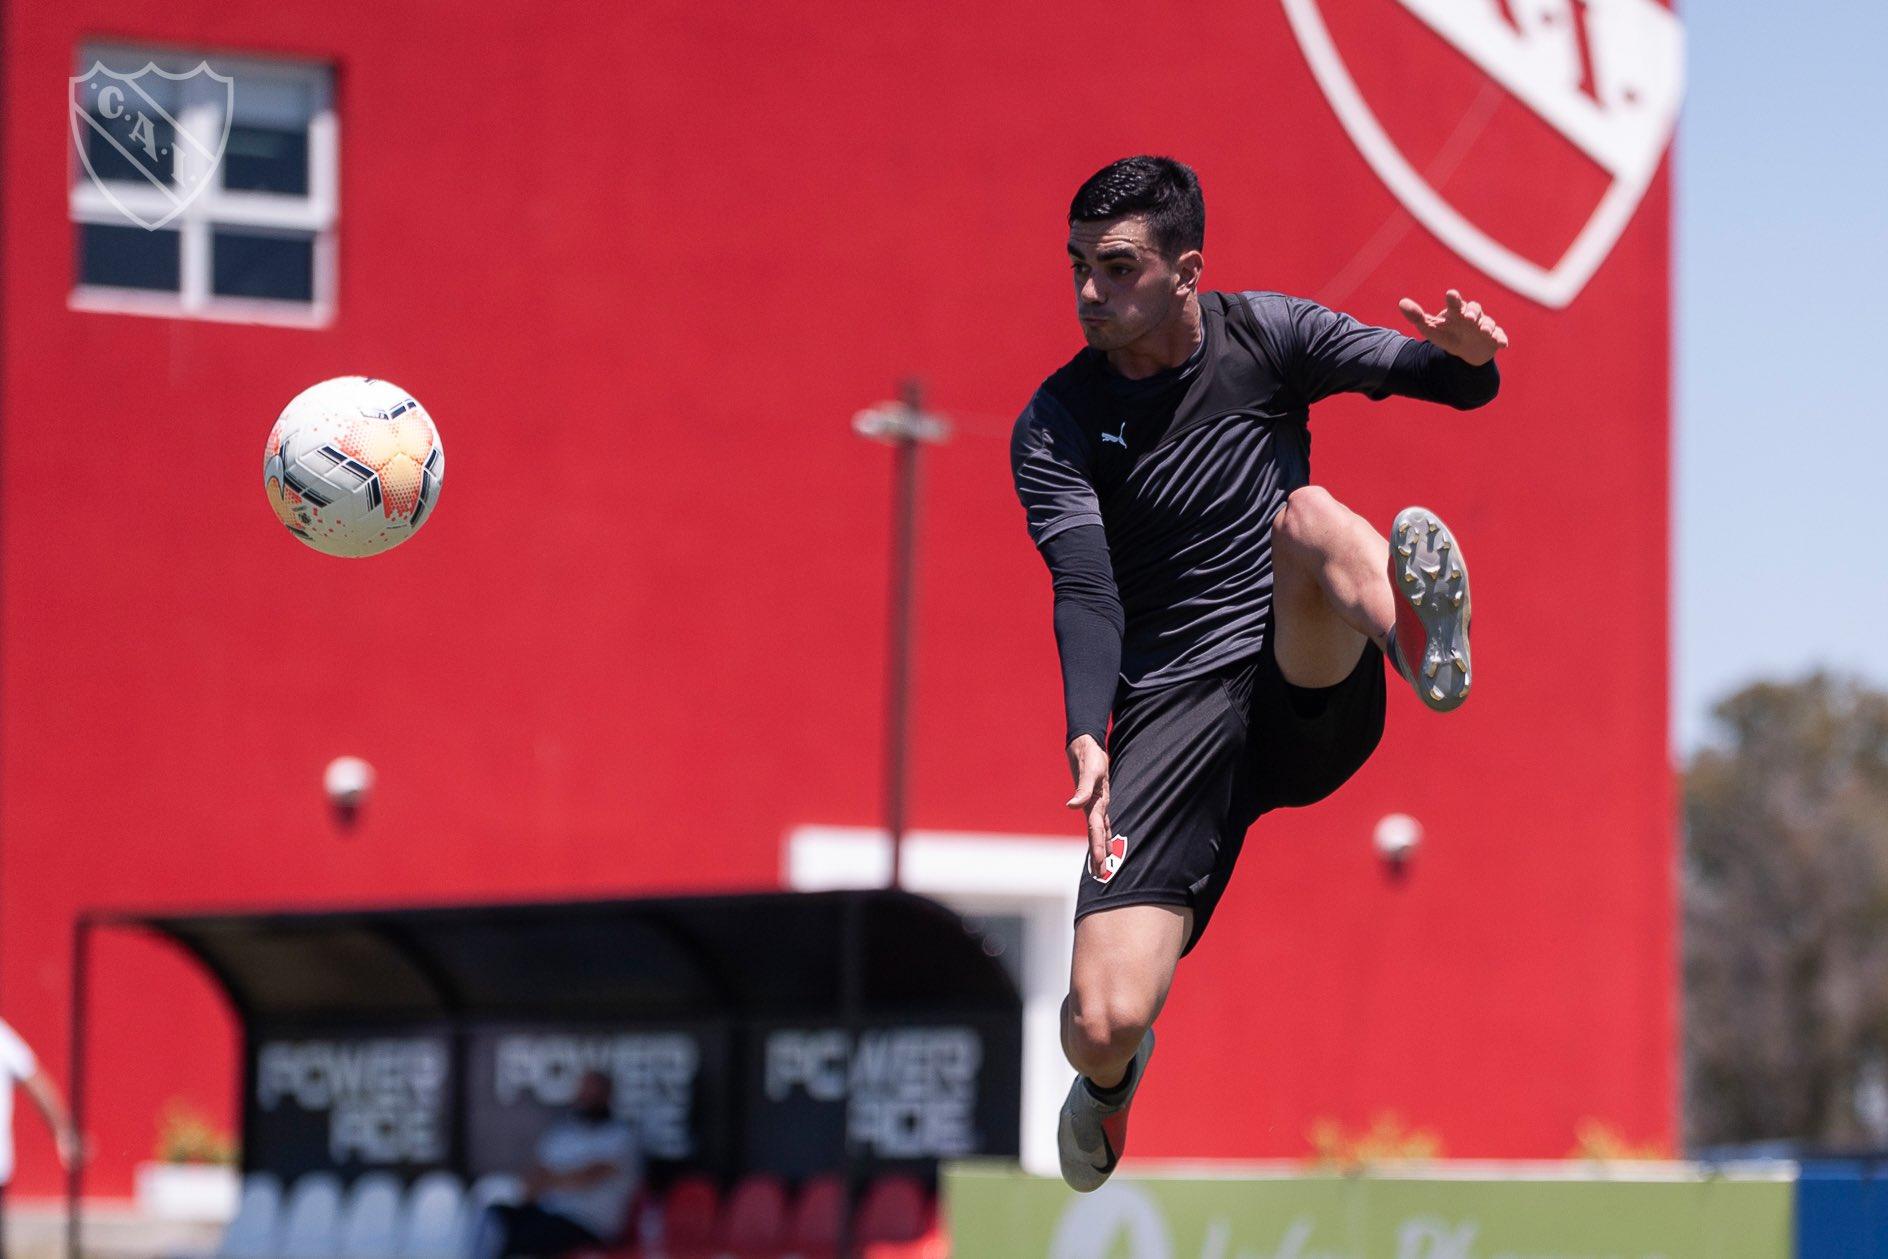 Soñora va a renovar su contrato con Independiente hasta diciembre del 2022